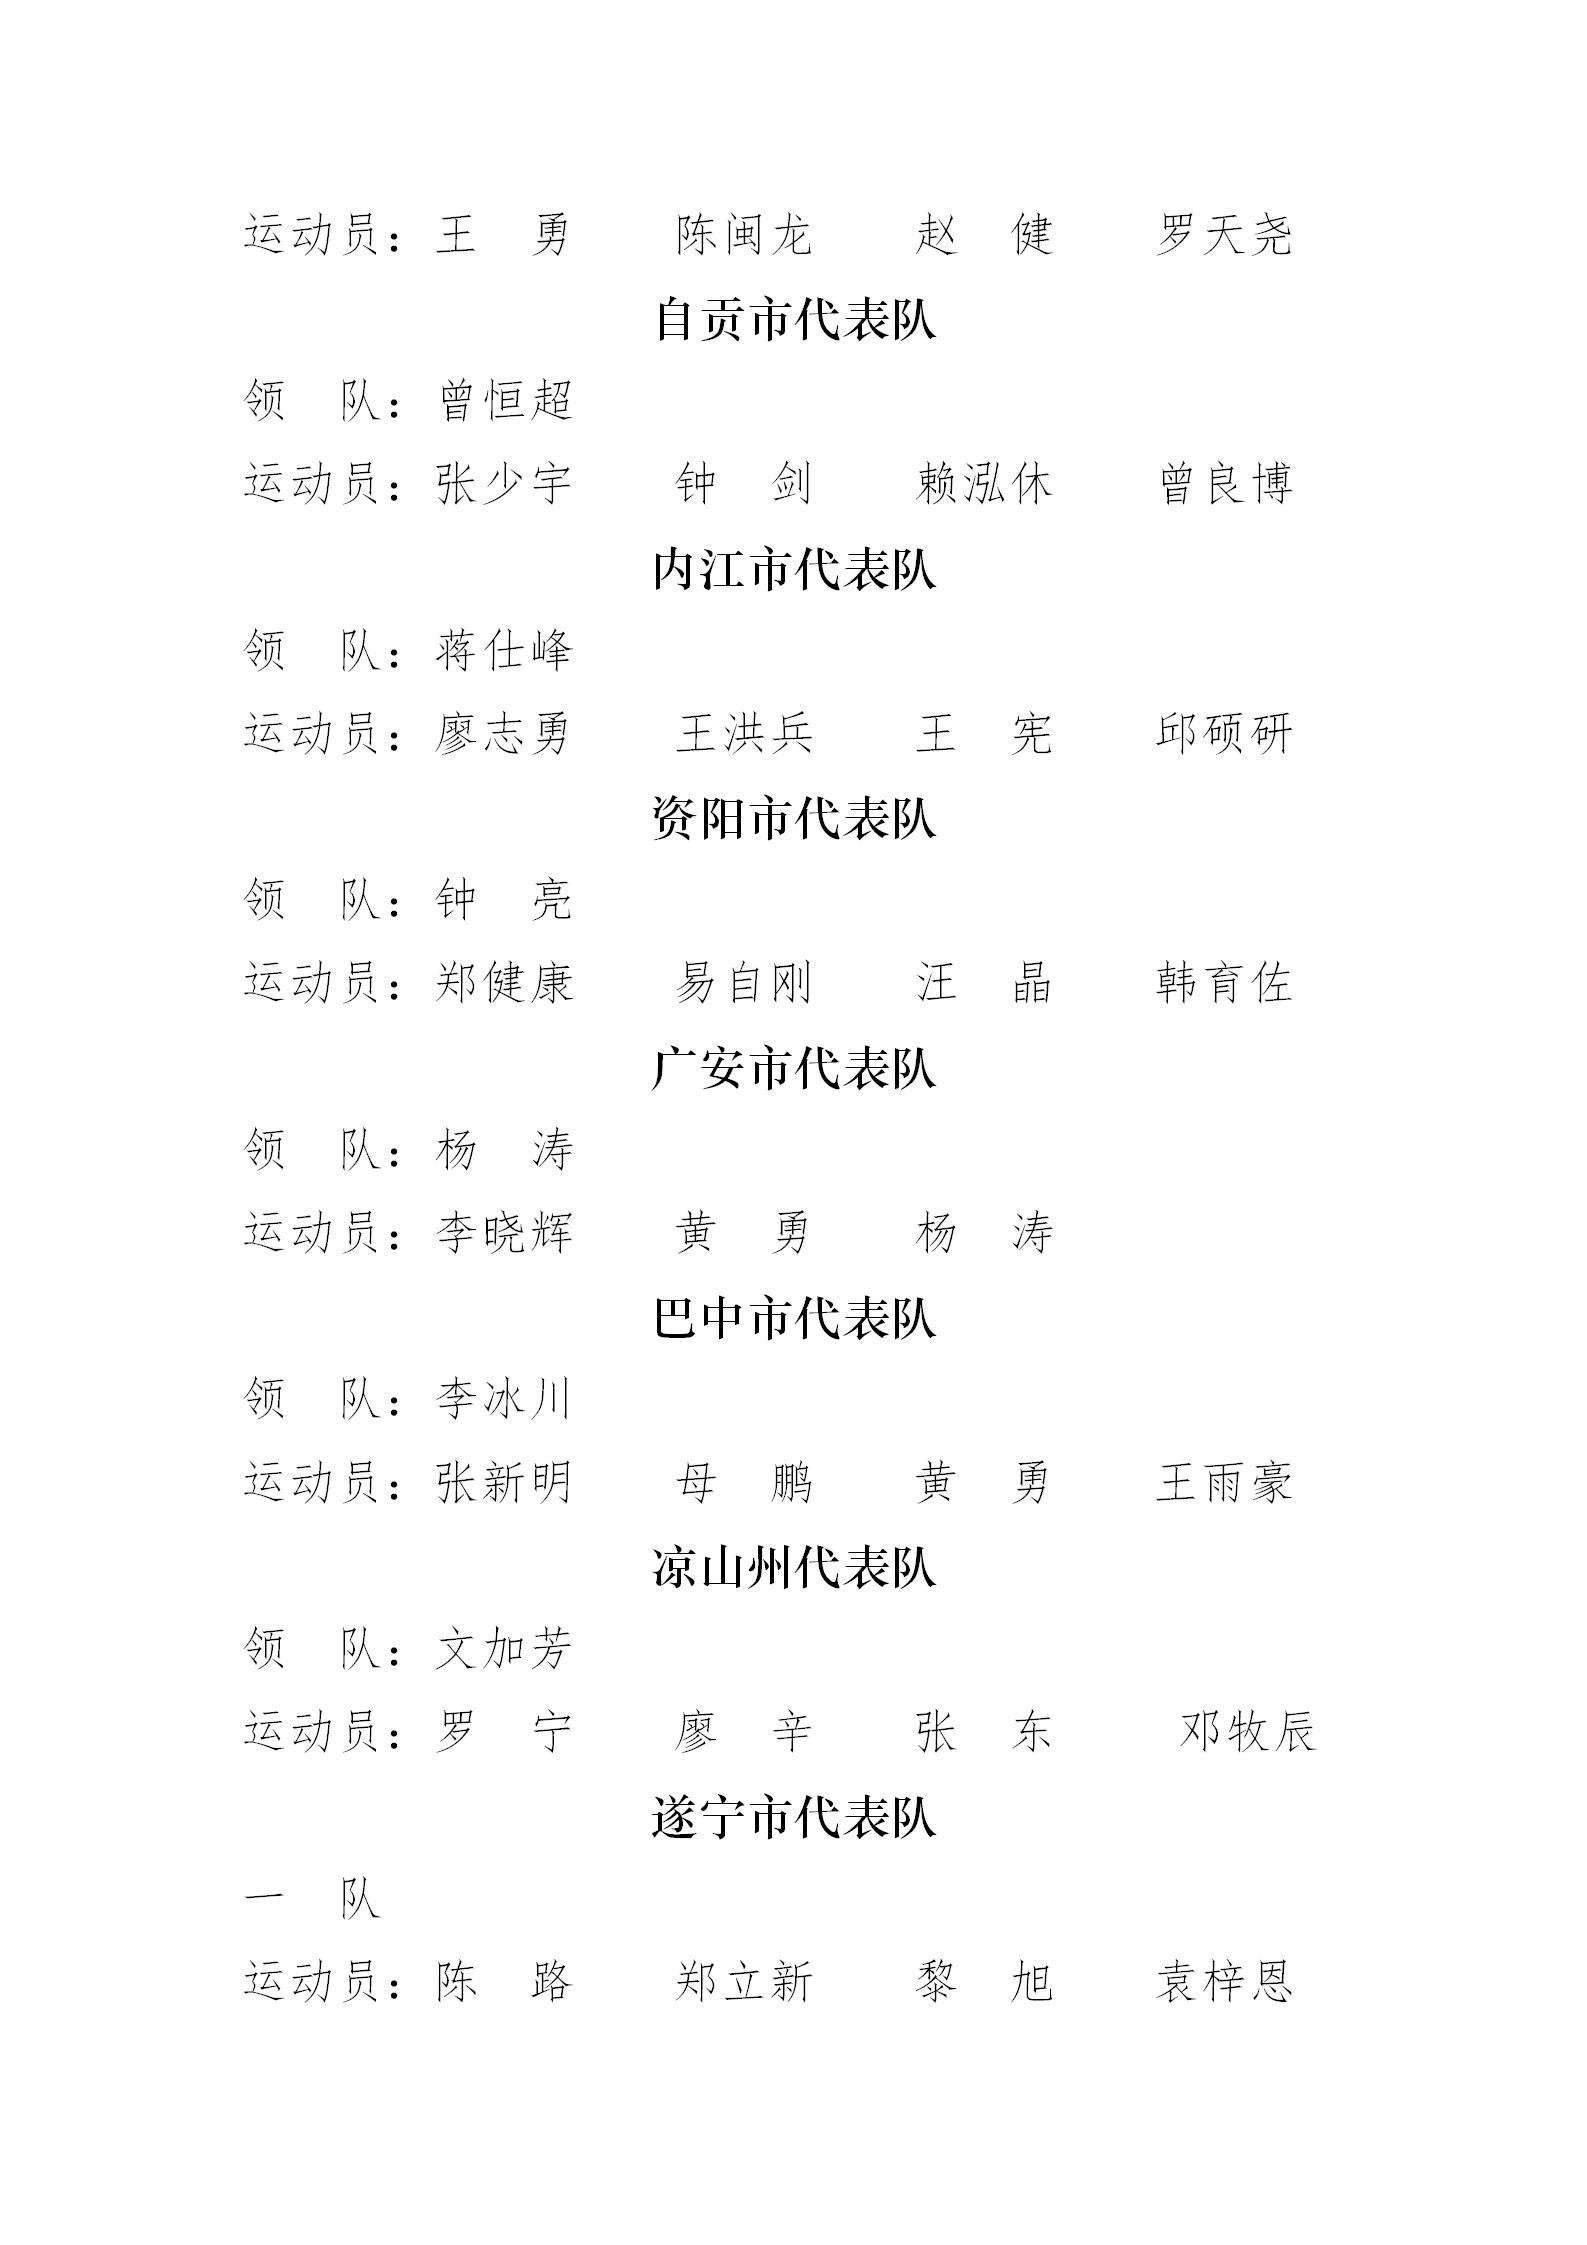 参赛代表队名单_02.png